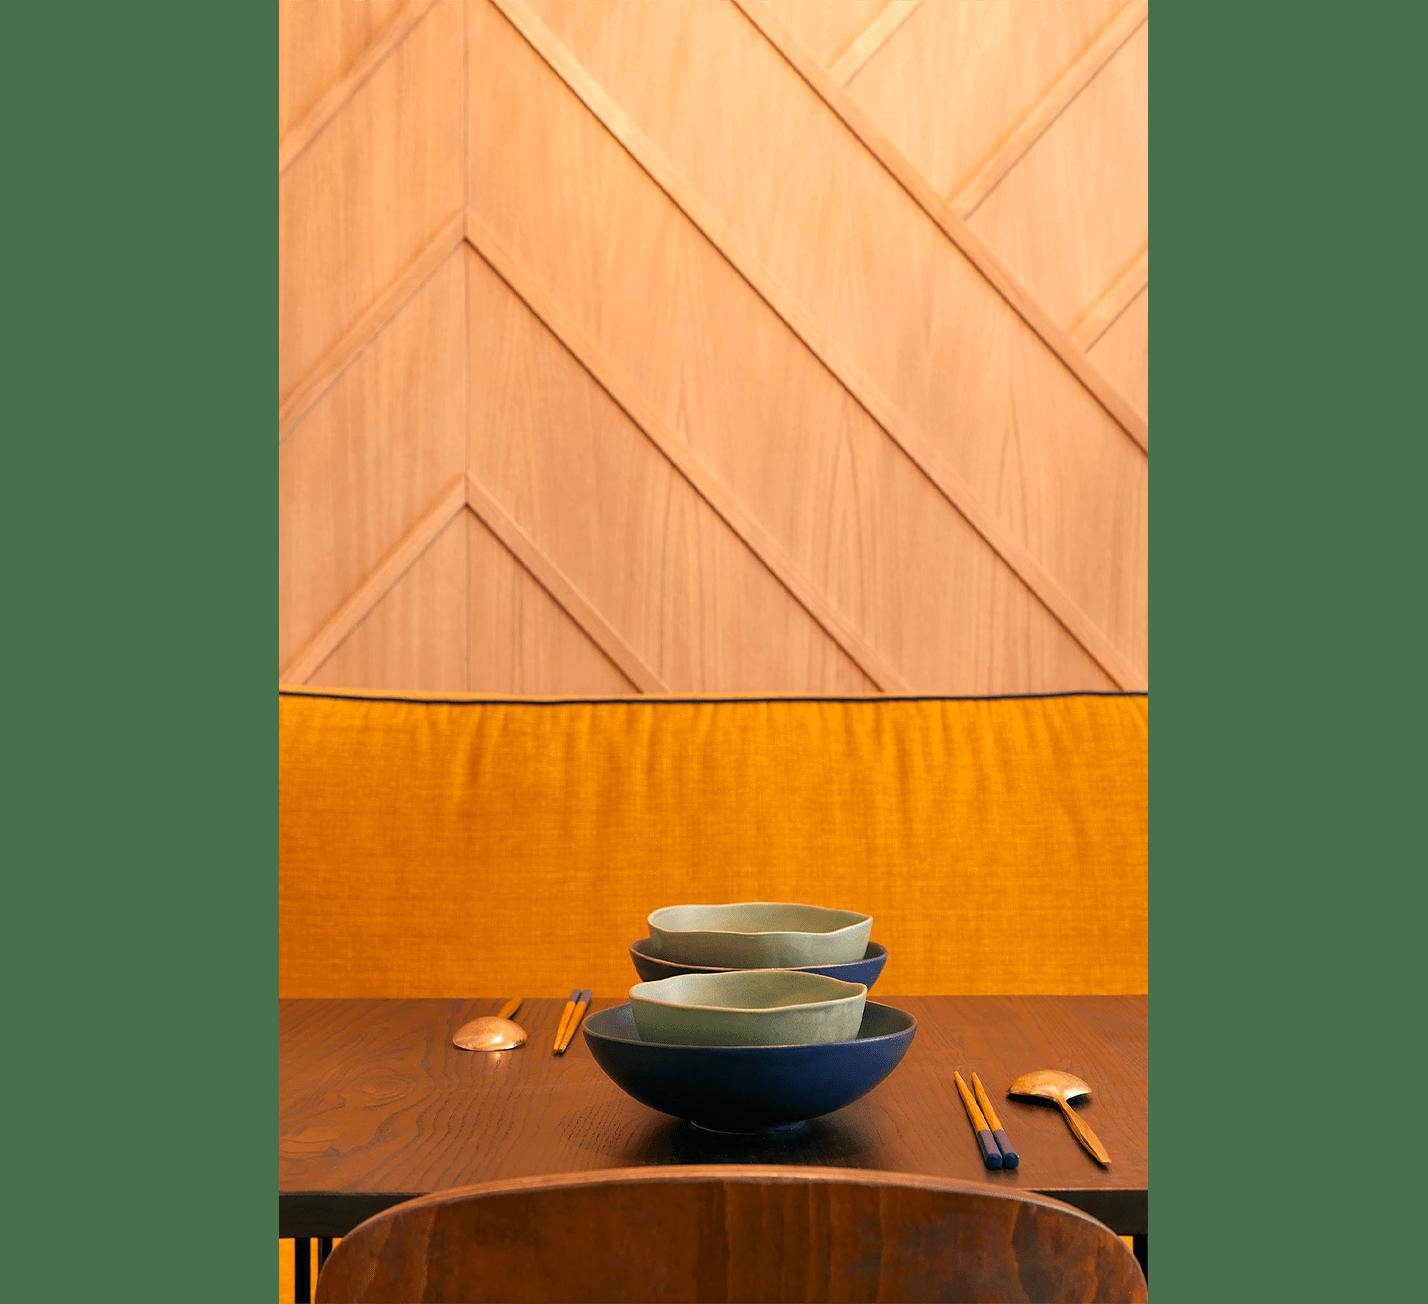 Projet-Natives-Atelier-Steve-Pauline-Borgia-Architecture-interieur-05-min-1